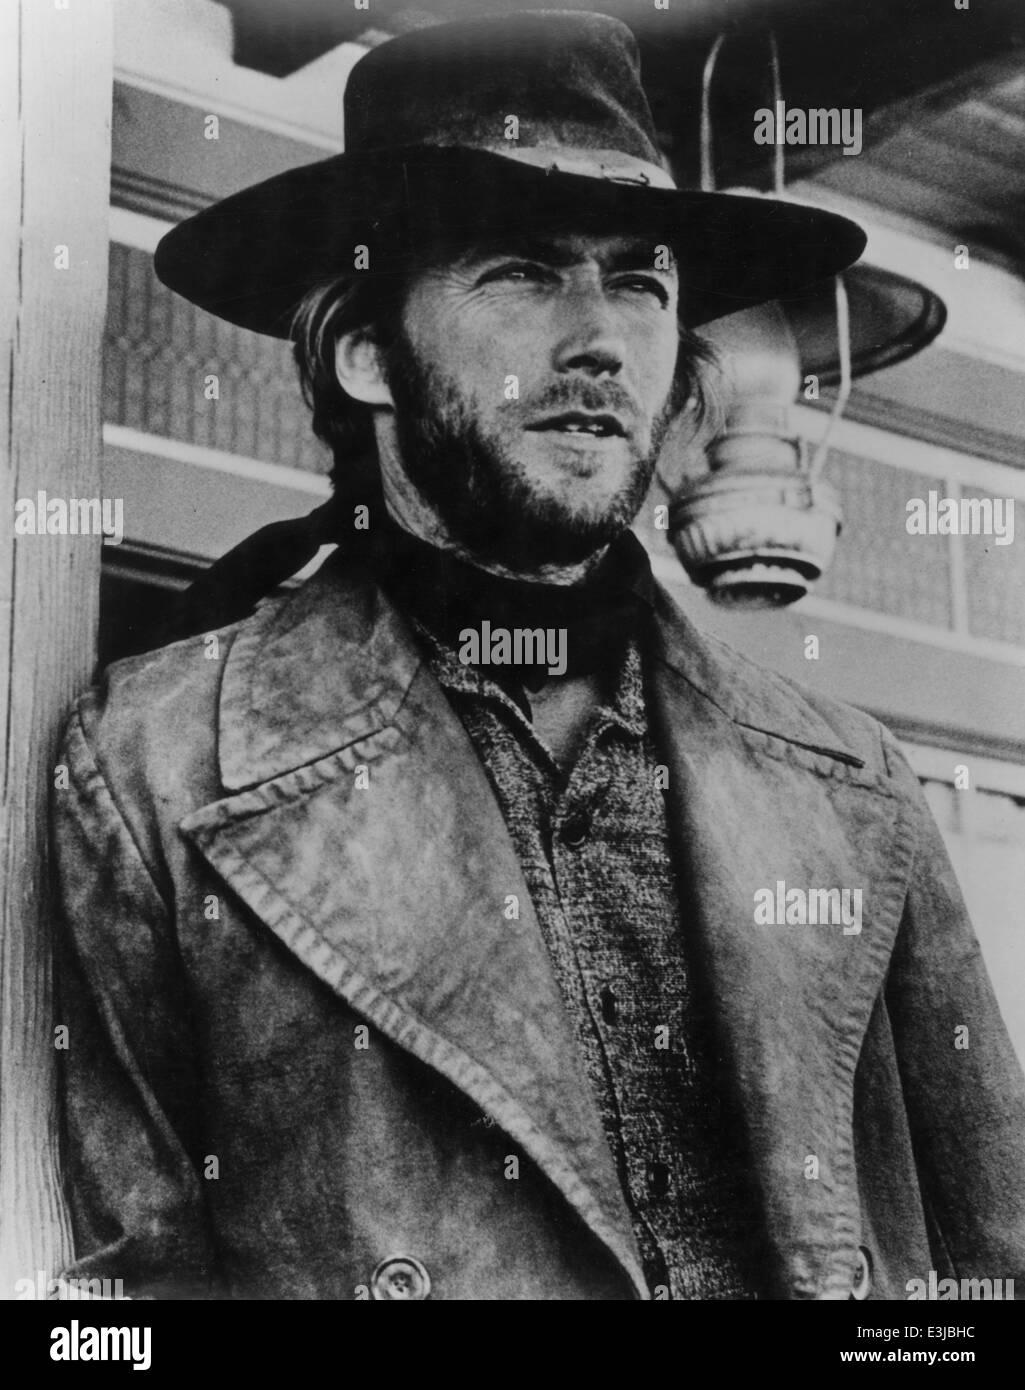 clint eastwood,high plains drifter - Stock Image